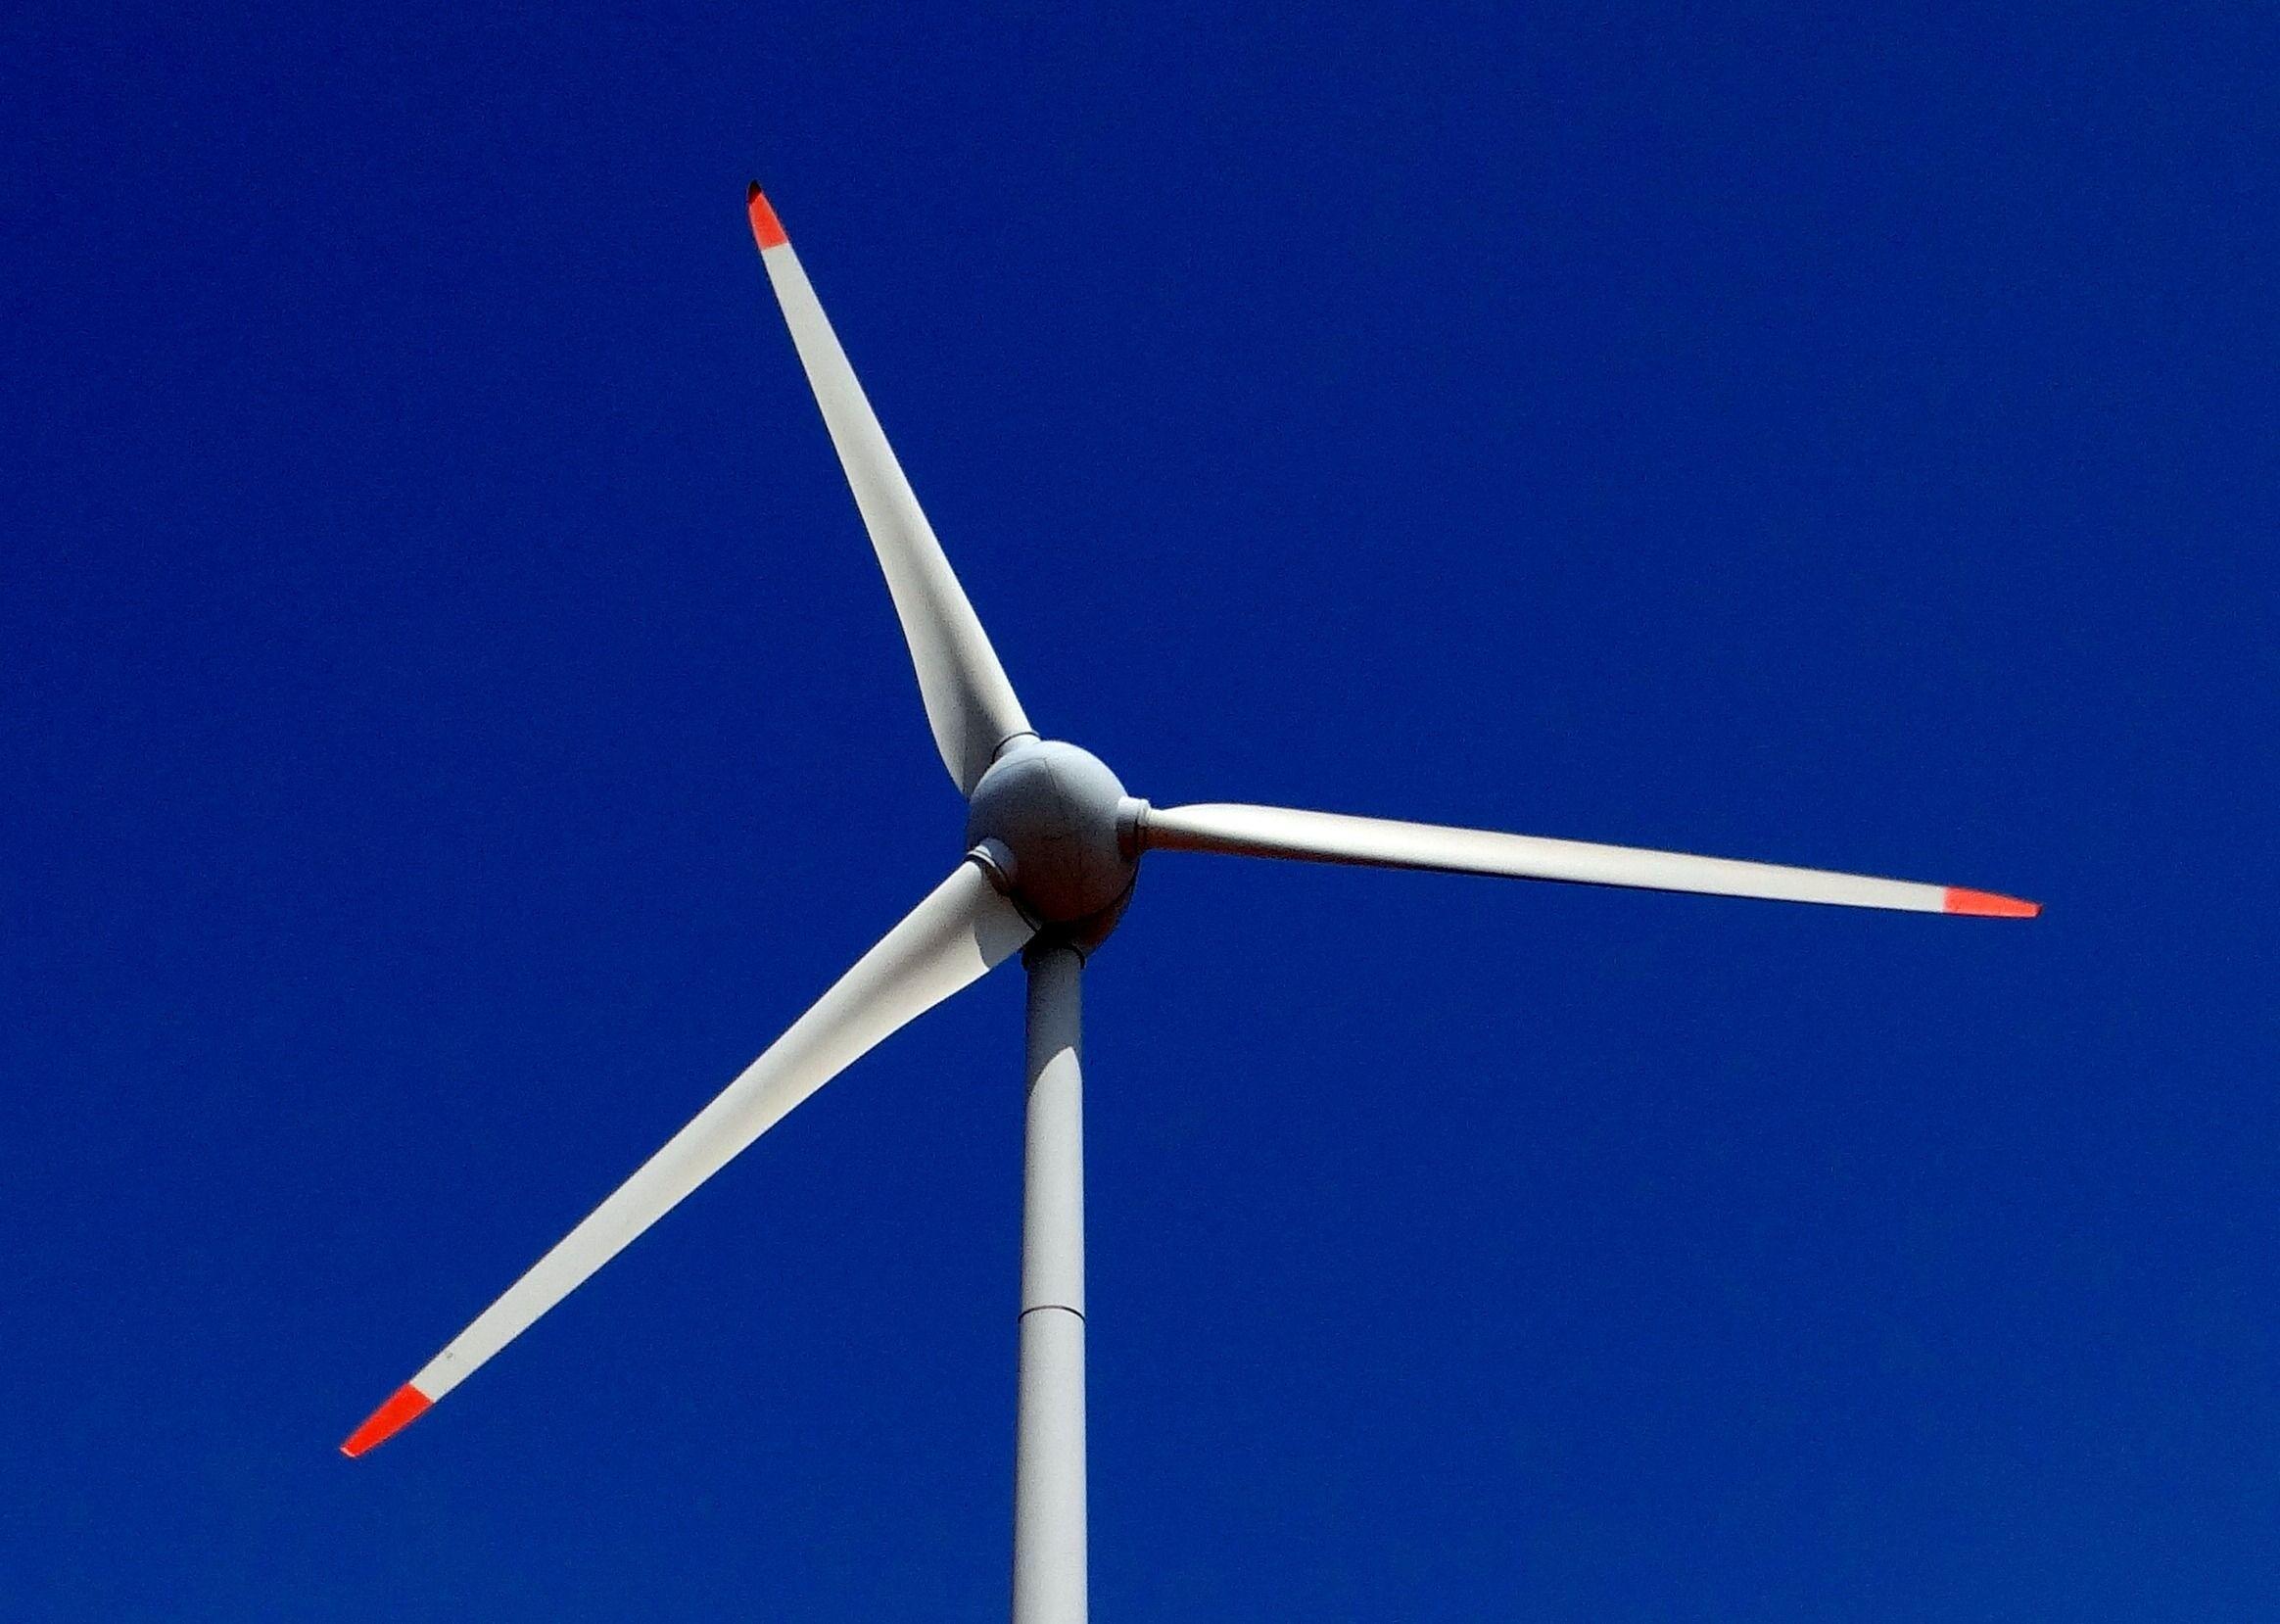 wind-turbine-nargund-hill-wind-power-59959.jpeg (2328×1658)